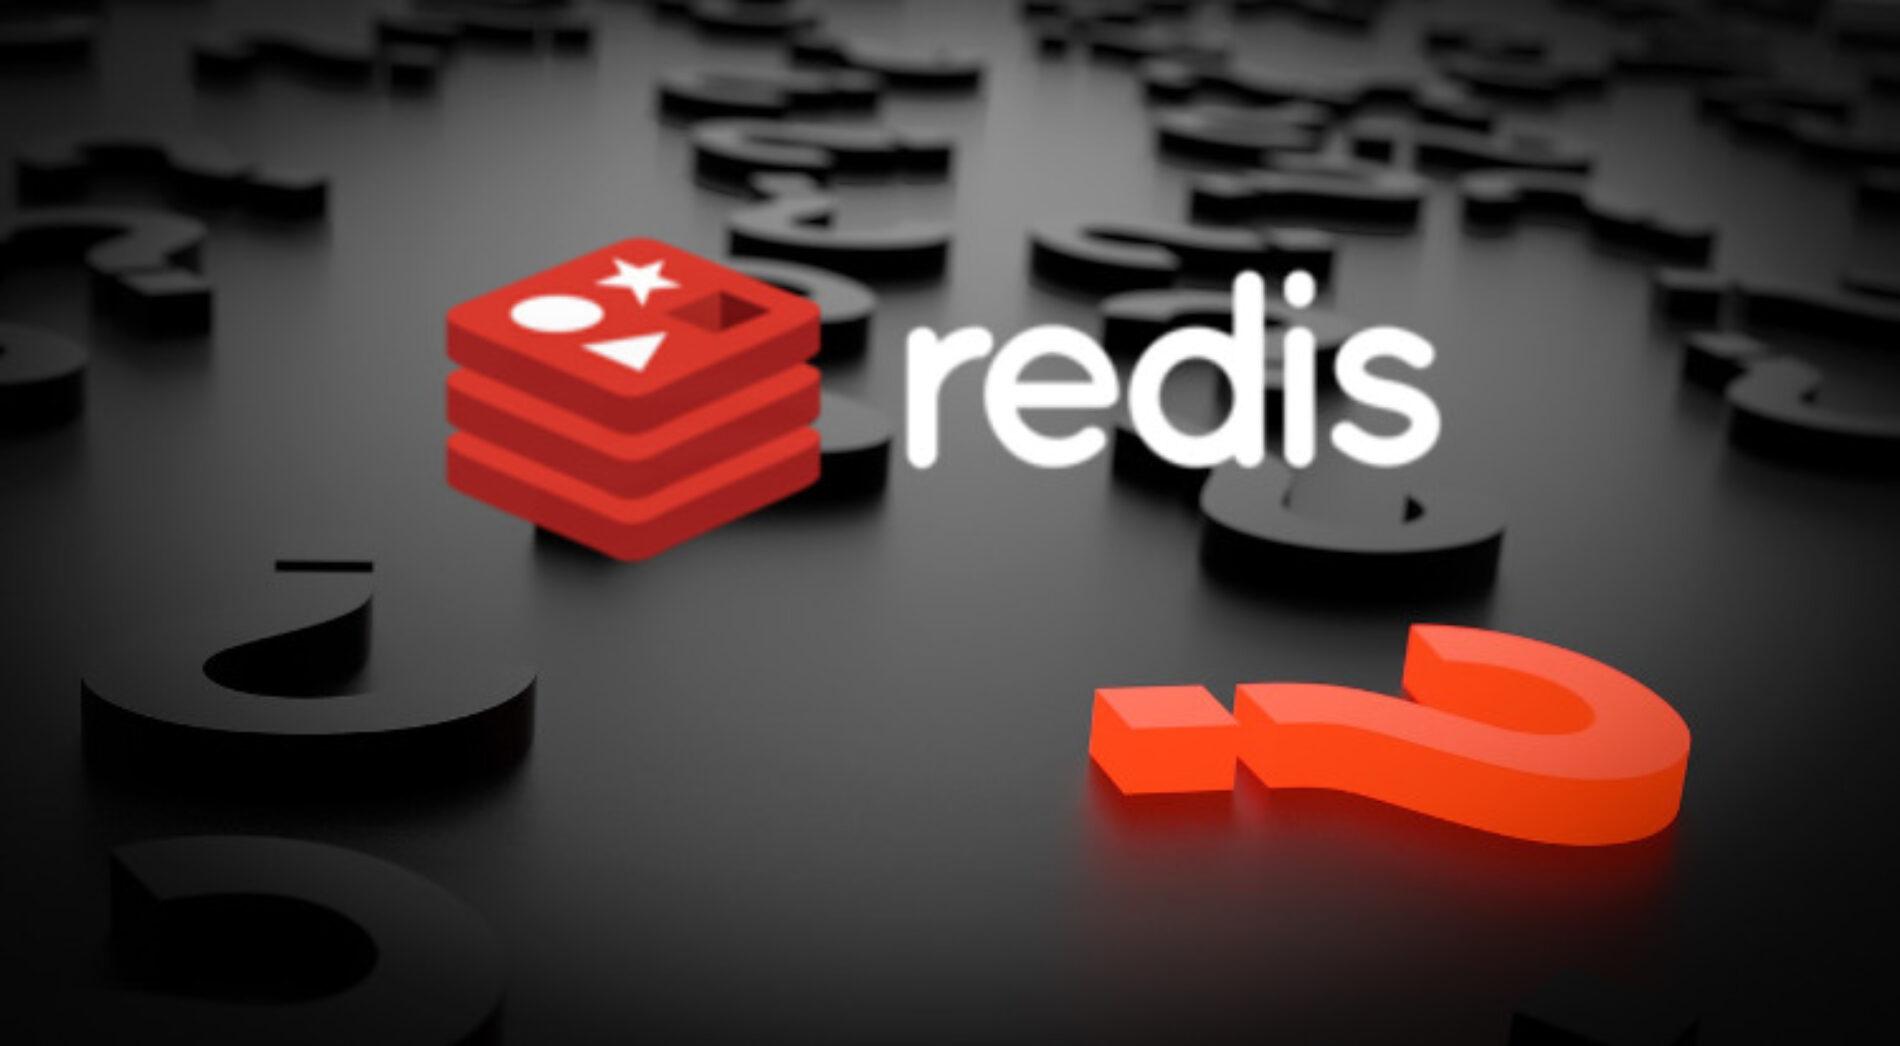 Você conhece o Redis?